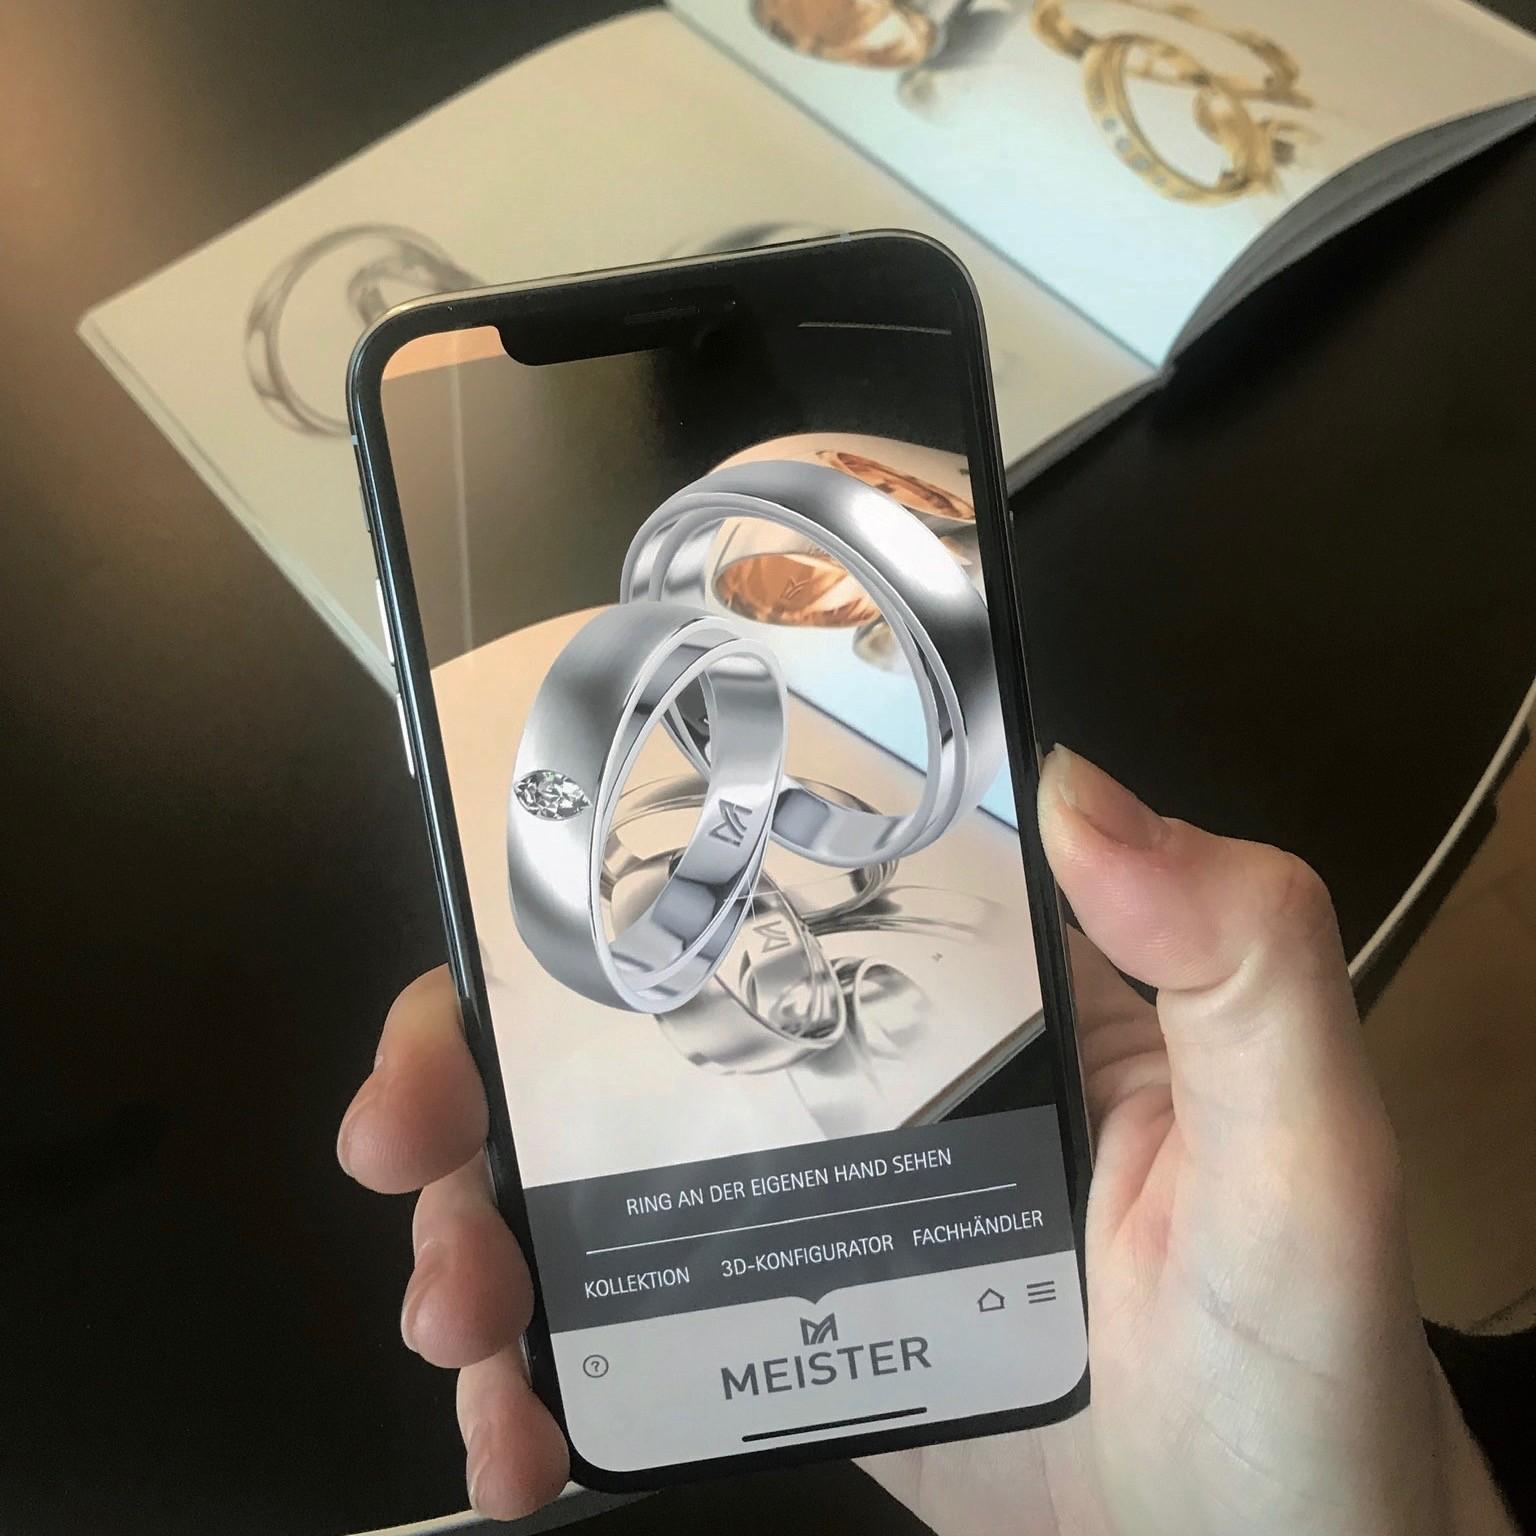 Meister App